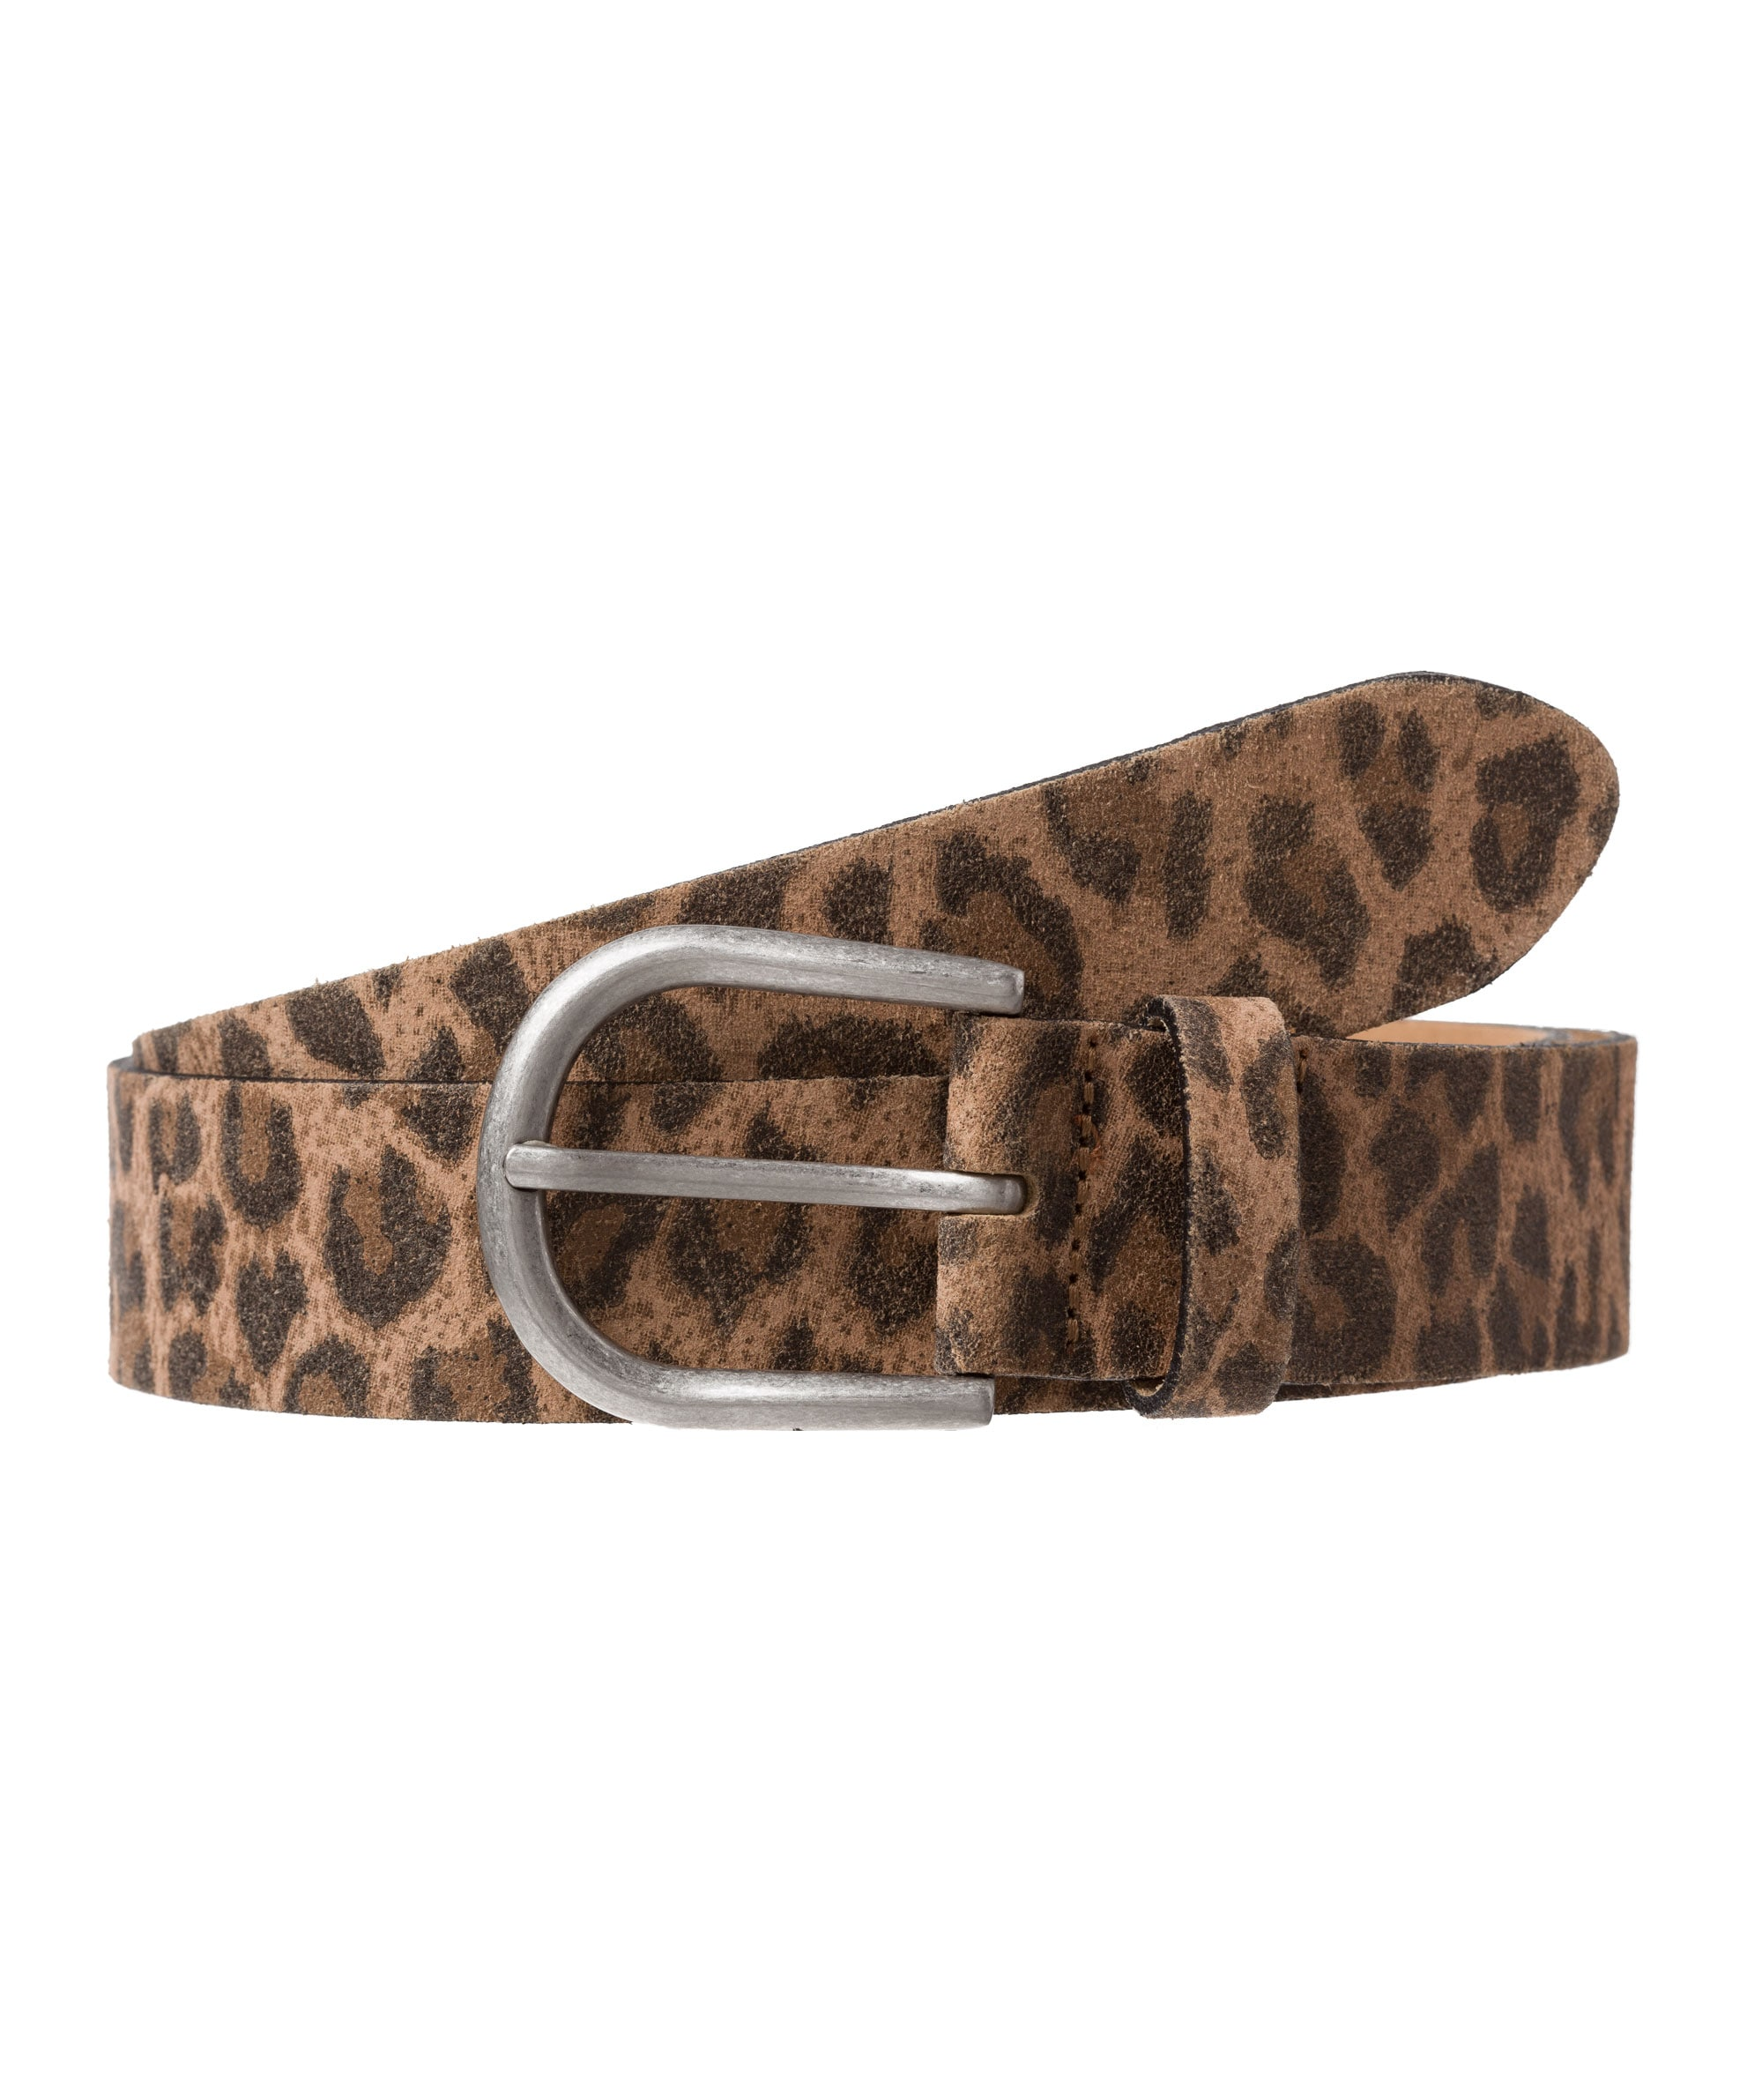 Brax Ledergürtel Style DAMENGÜRTEL braun Damen Gürtel Accessoires